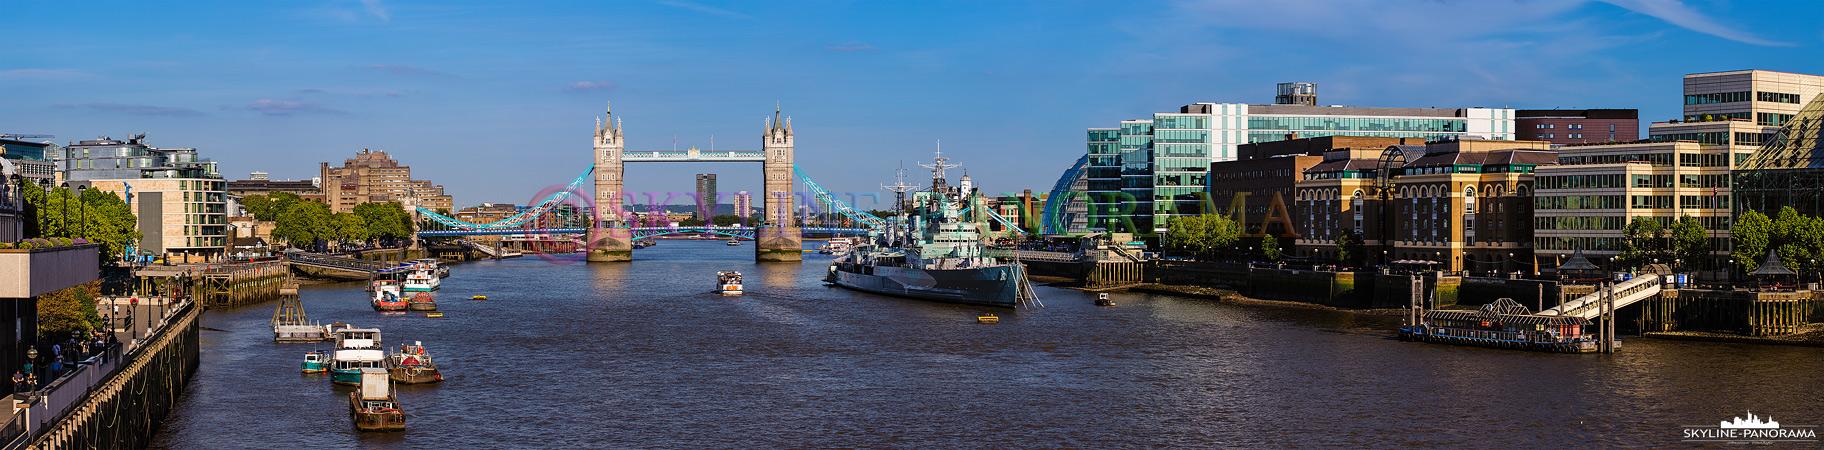 Sehenswürdigkeiten von London - Diese Aufnahme zeigt das Panorama von der London Bridge aus auf die historische Tower Bridge und das Museumsschiff HMS Belfast.